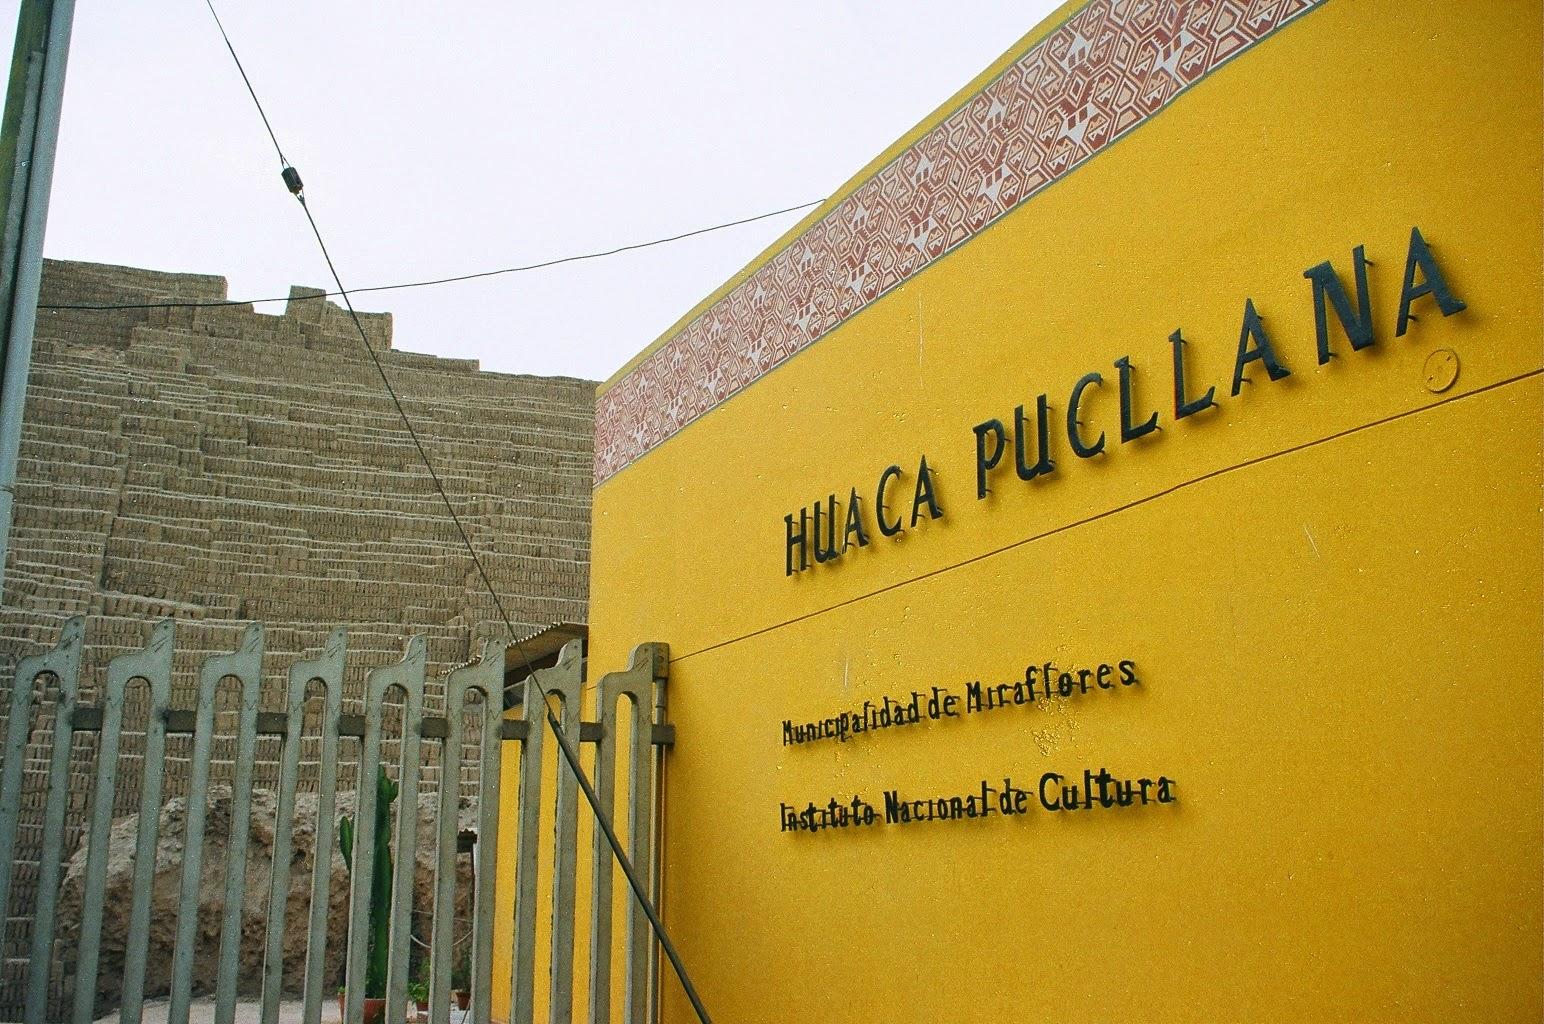 Huaca Pucllana em Lima